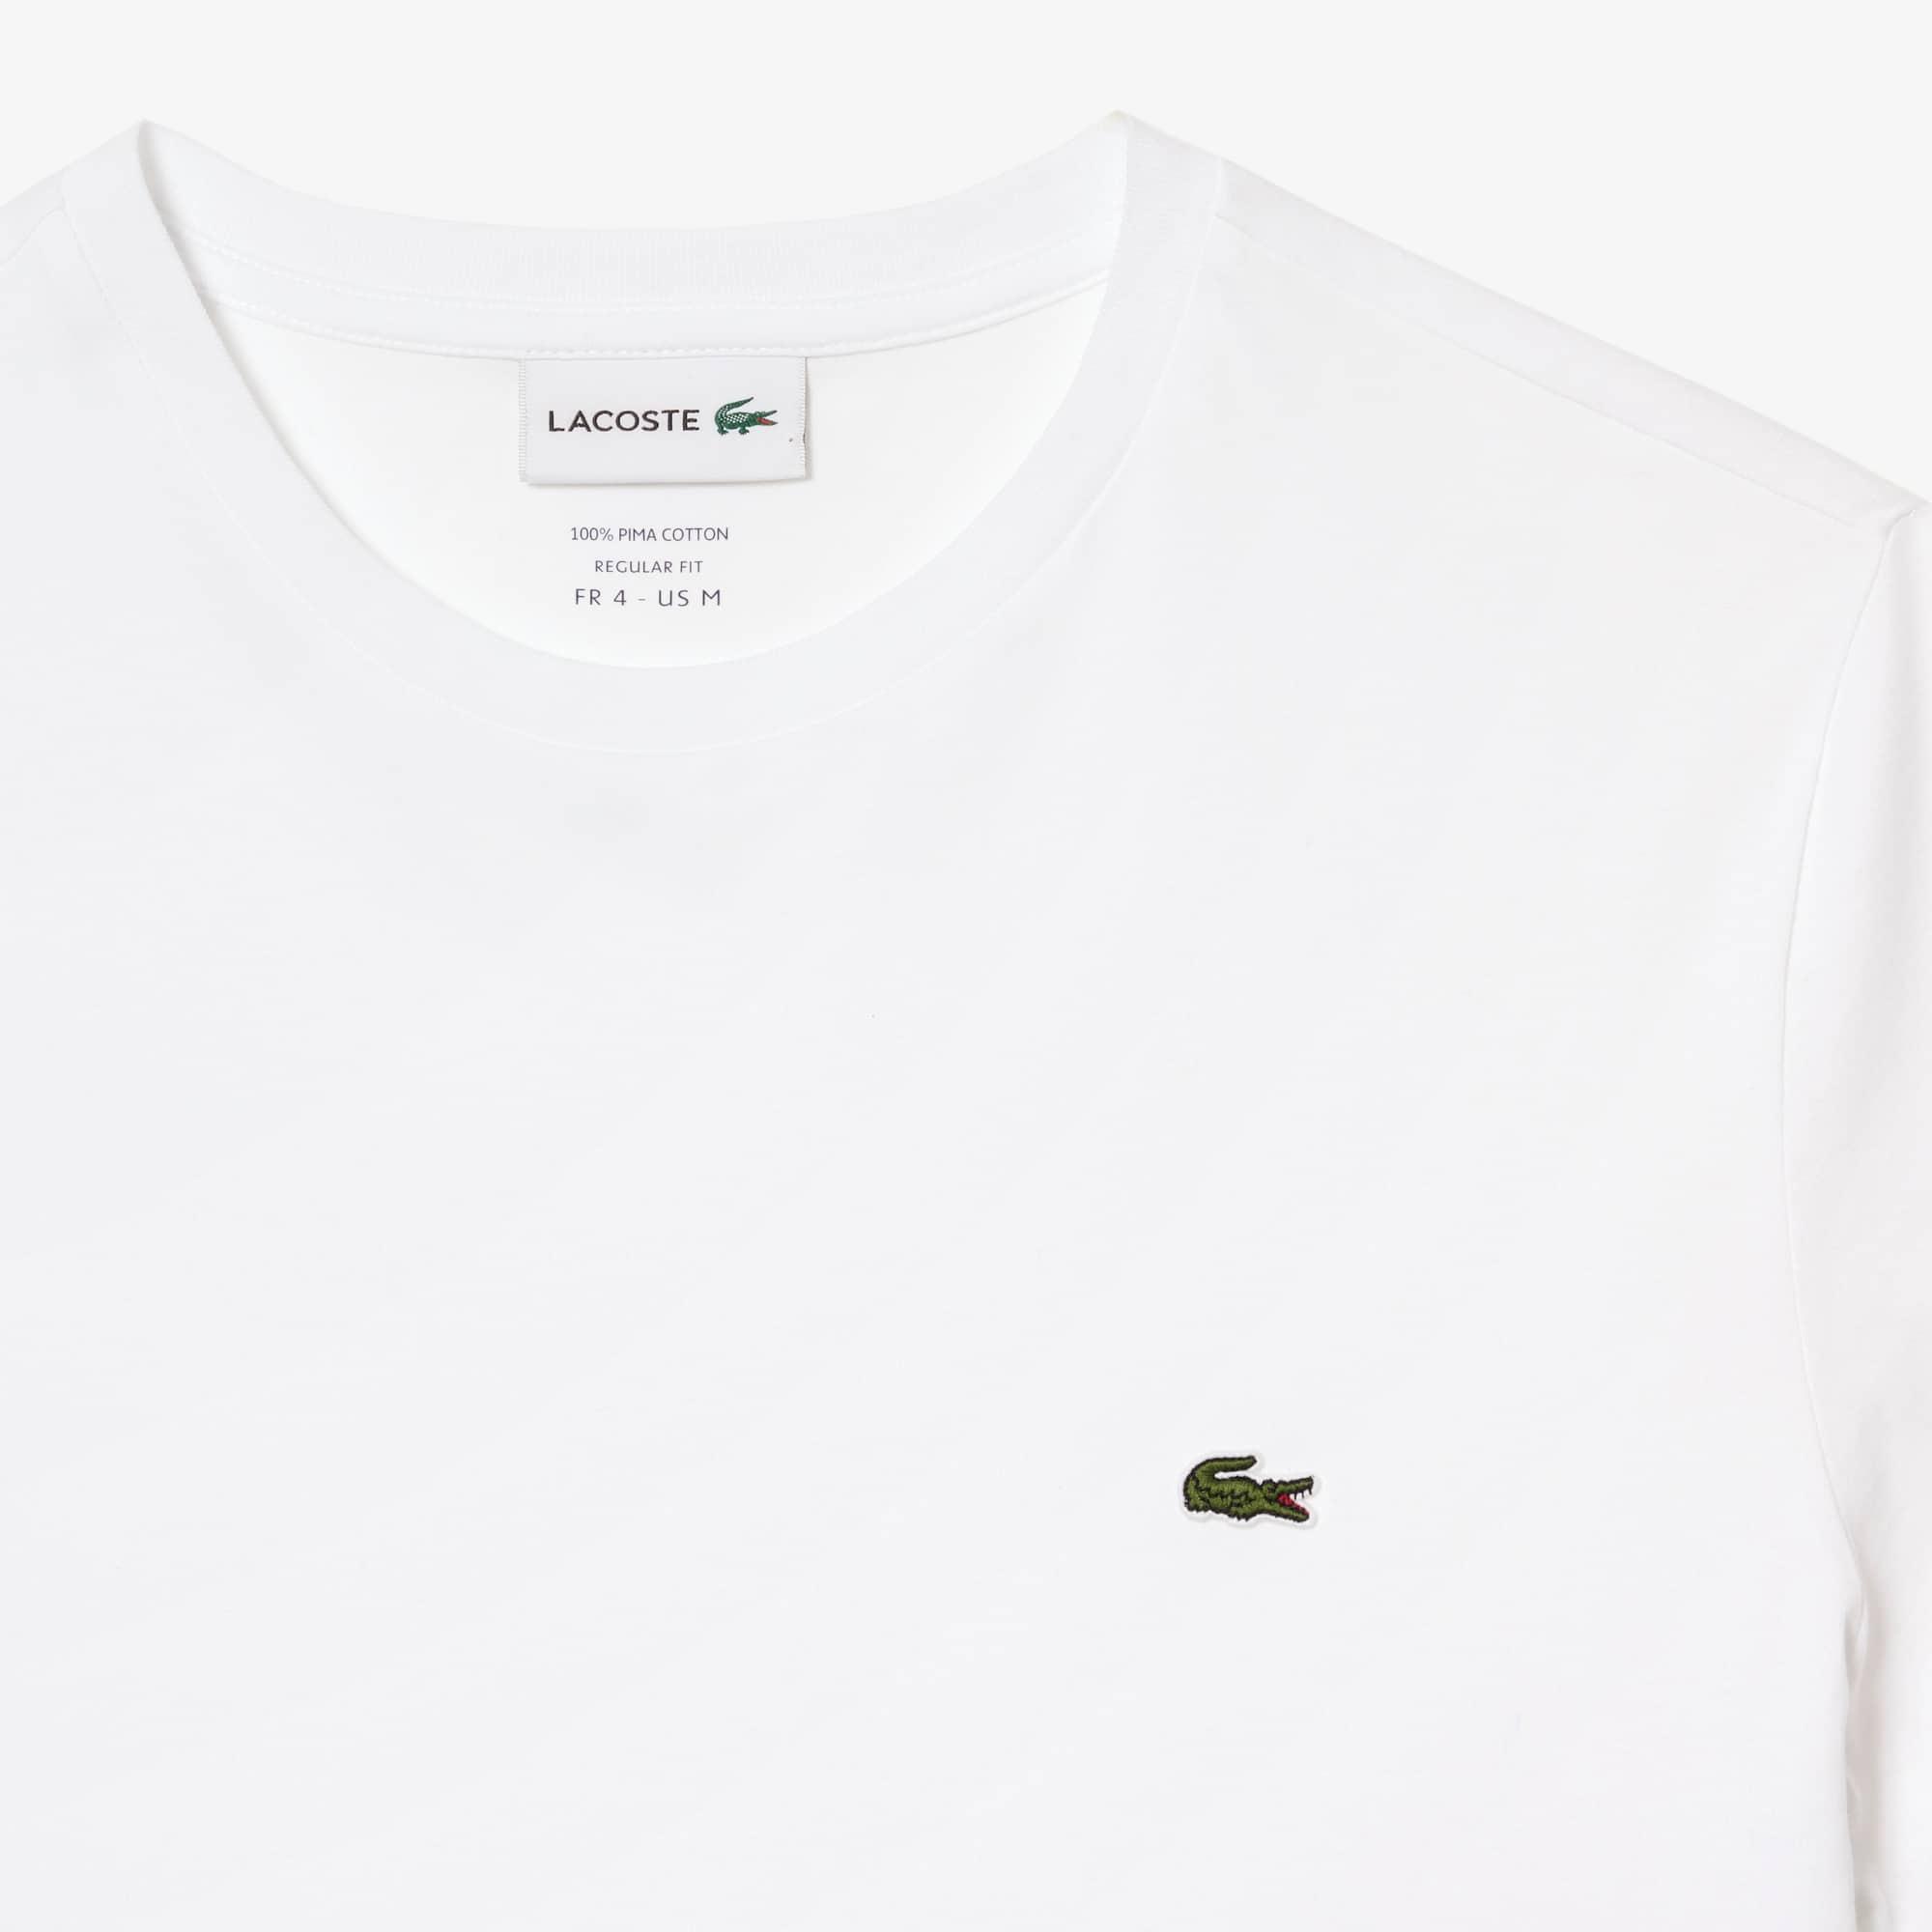 44b938a070 T-shirt col rond en jersey de coton pima uni   LACOSTE